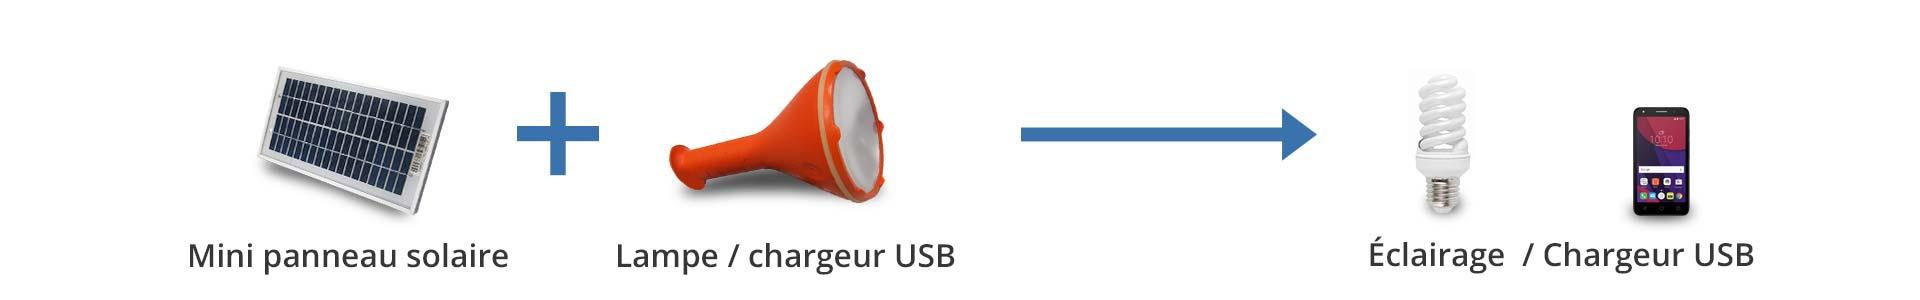 lampe et chargeur solaire nomade USB pour téléphone